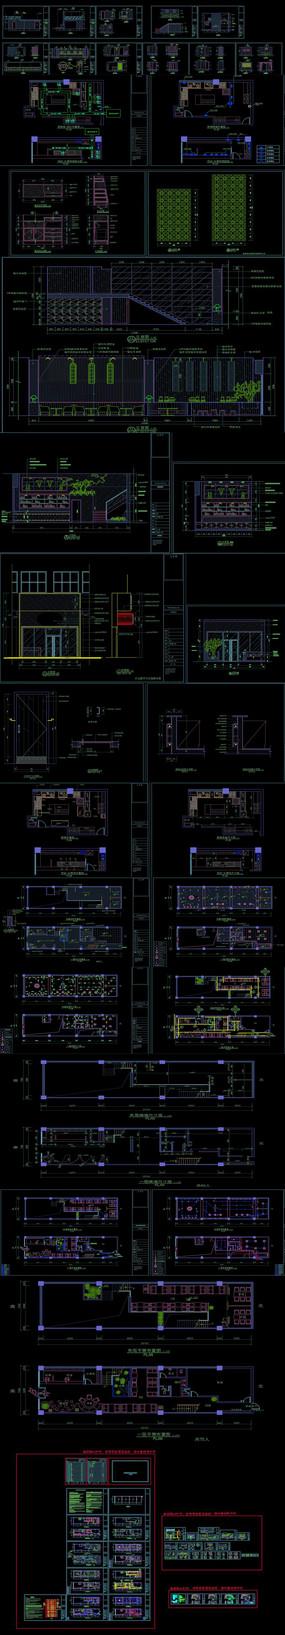 时尚个性牛排馆室内装修图CAD施工图